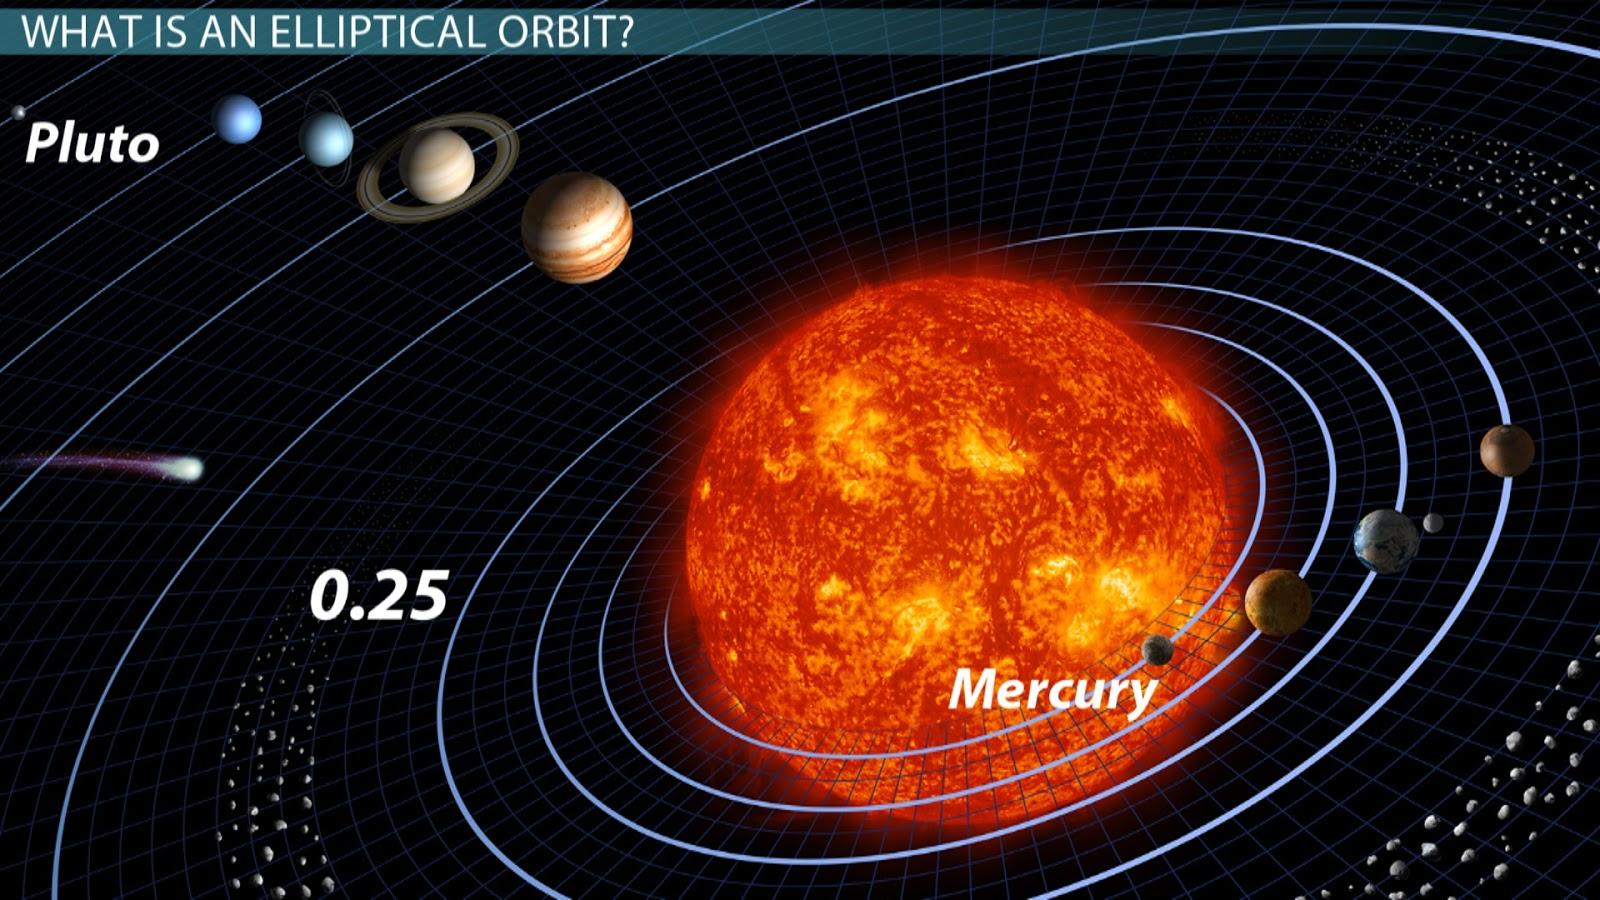 Periods & Speeds: Elliptical Orbits